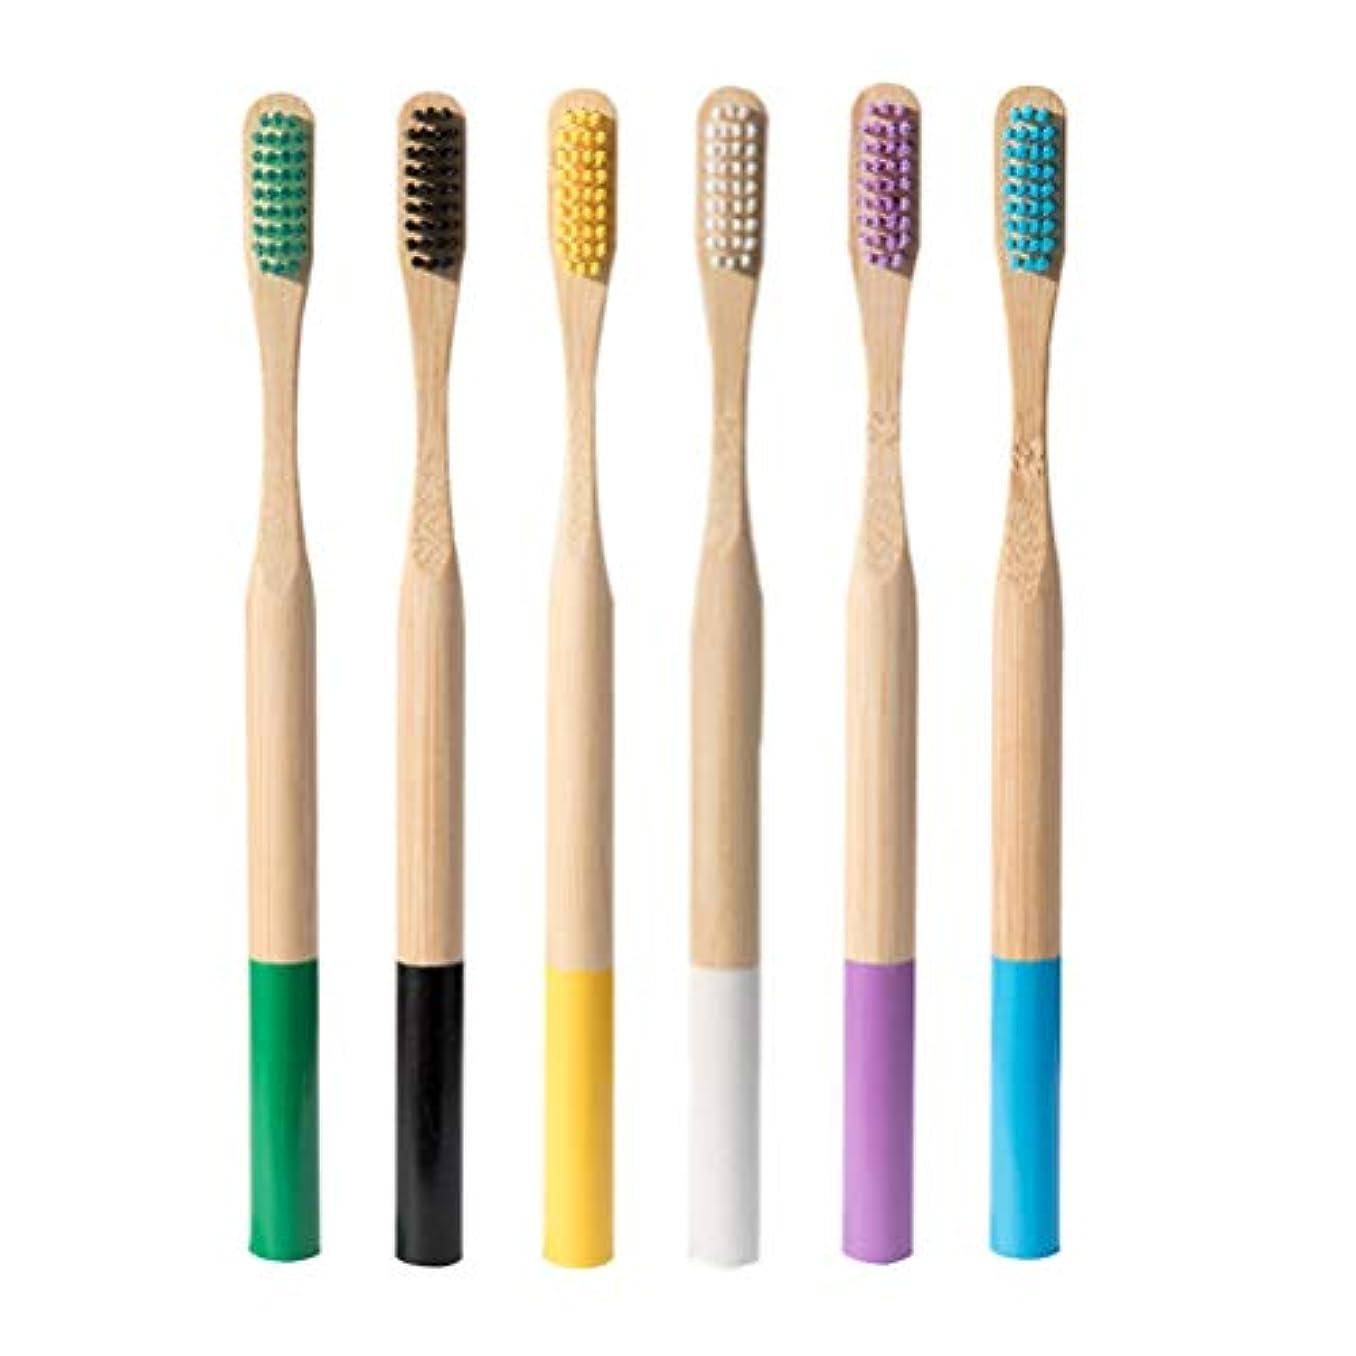 馬鹿げた科学的津波Healifty 歯ブラシ環境に優しい竹歯ブラシ6pcs